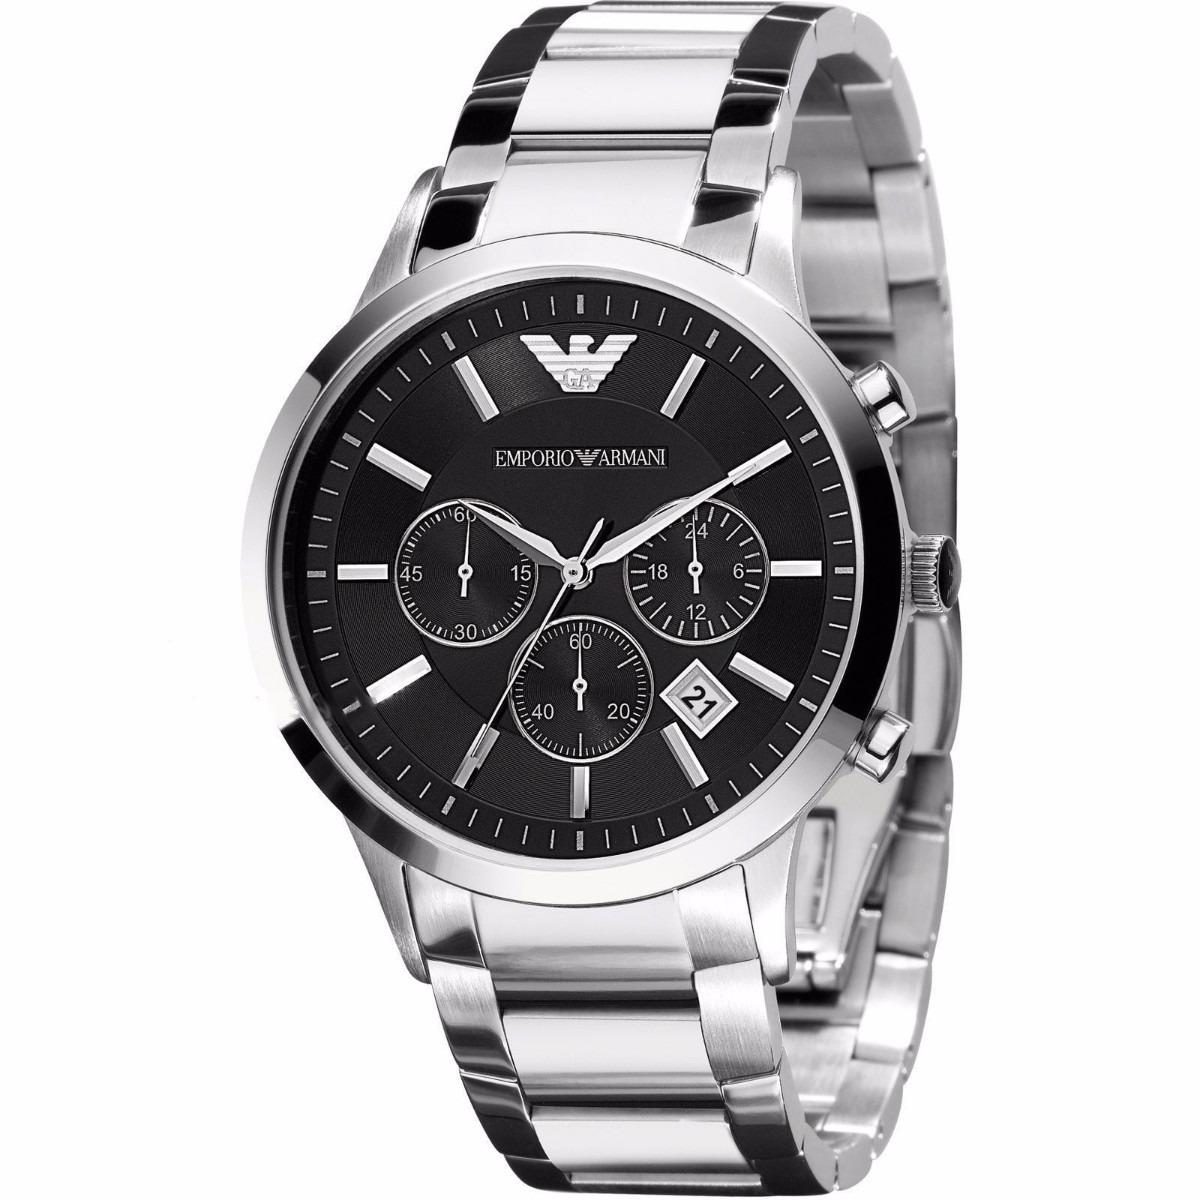 76f7ac0b795 relógio emporio armani ar2434 prata caixa original garantia. Carregando zoom .